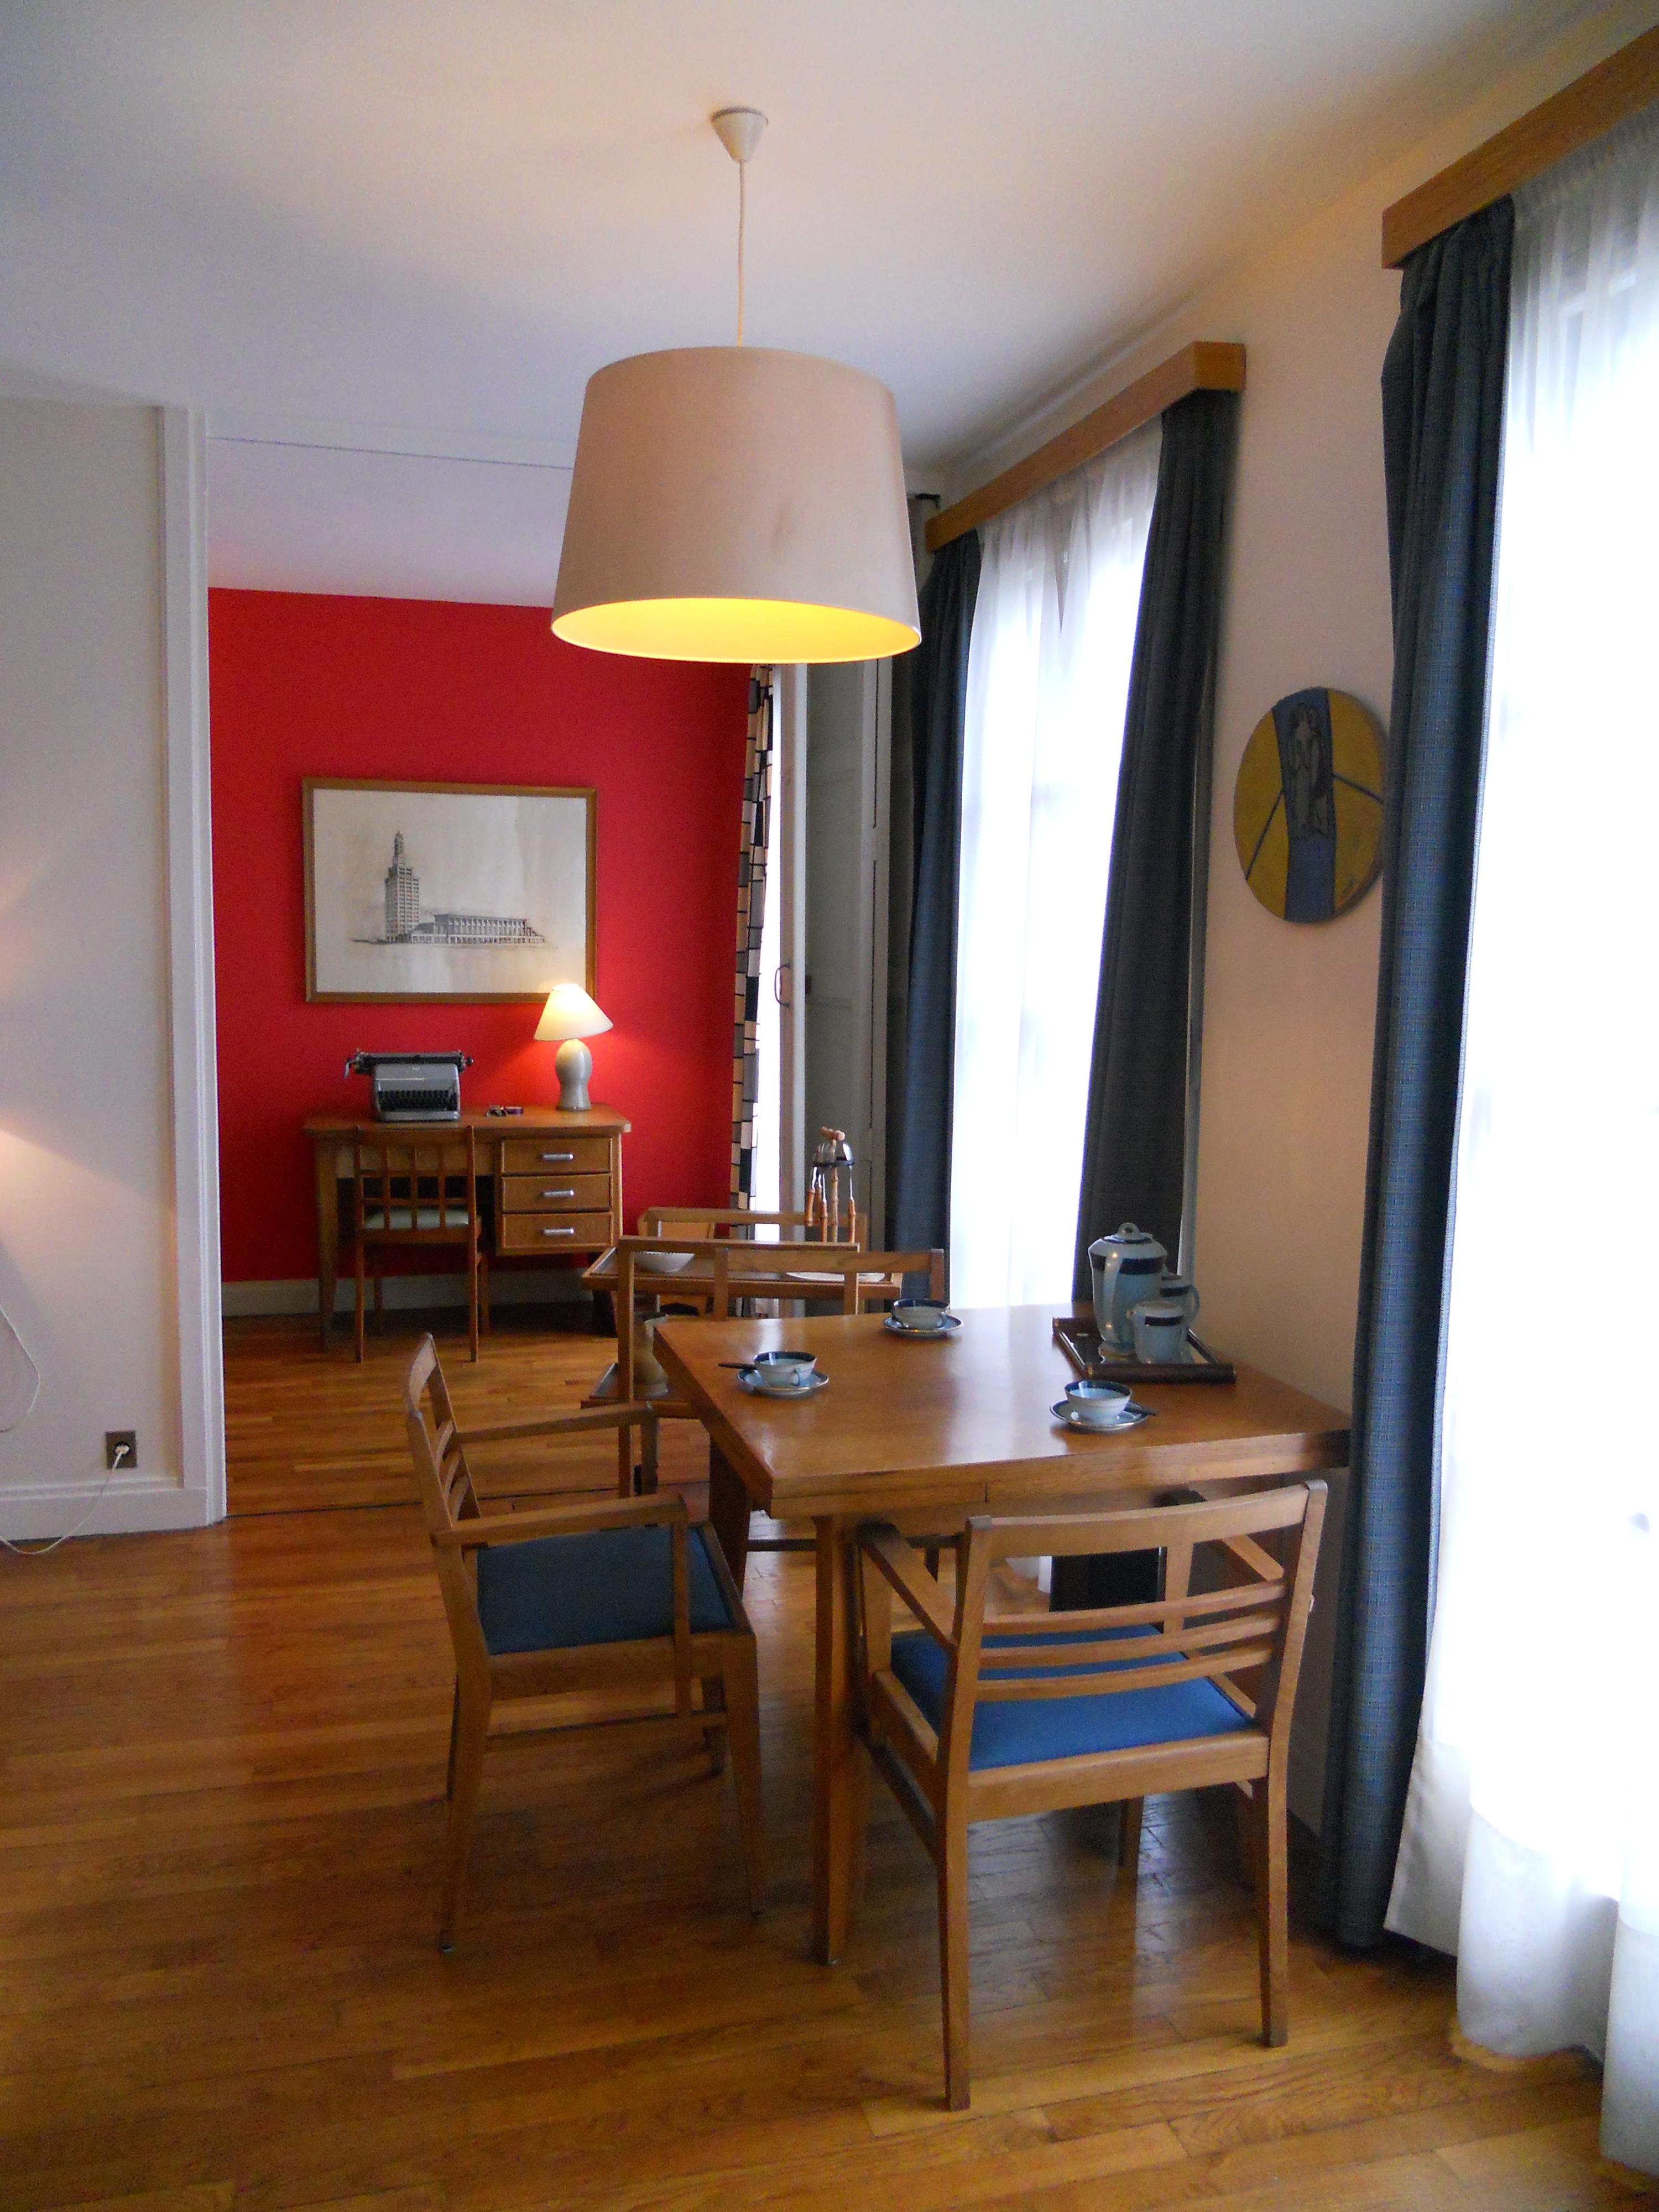 file bureau et salle de s jour de l 39 appartement t moin. Black Bedroom Furniture Sets. Home Design Ideas